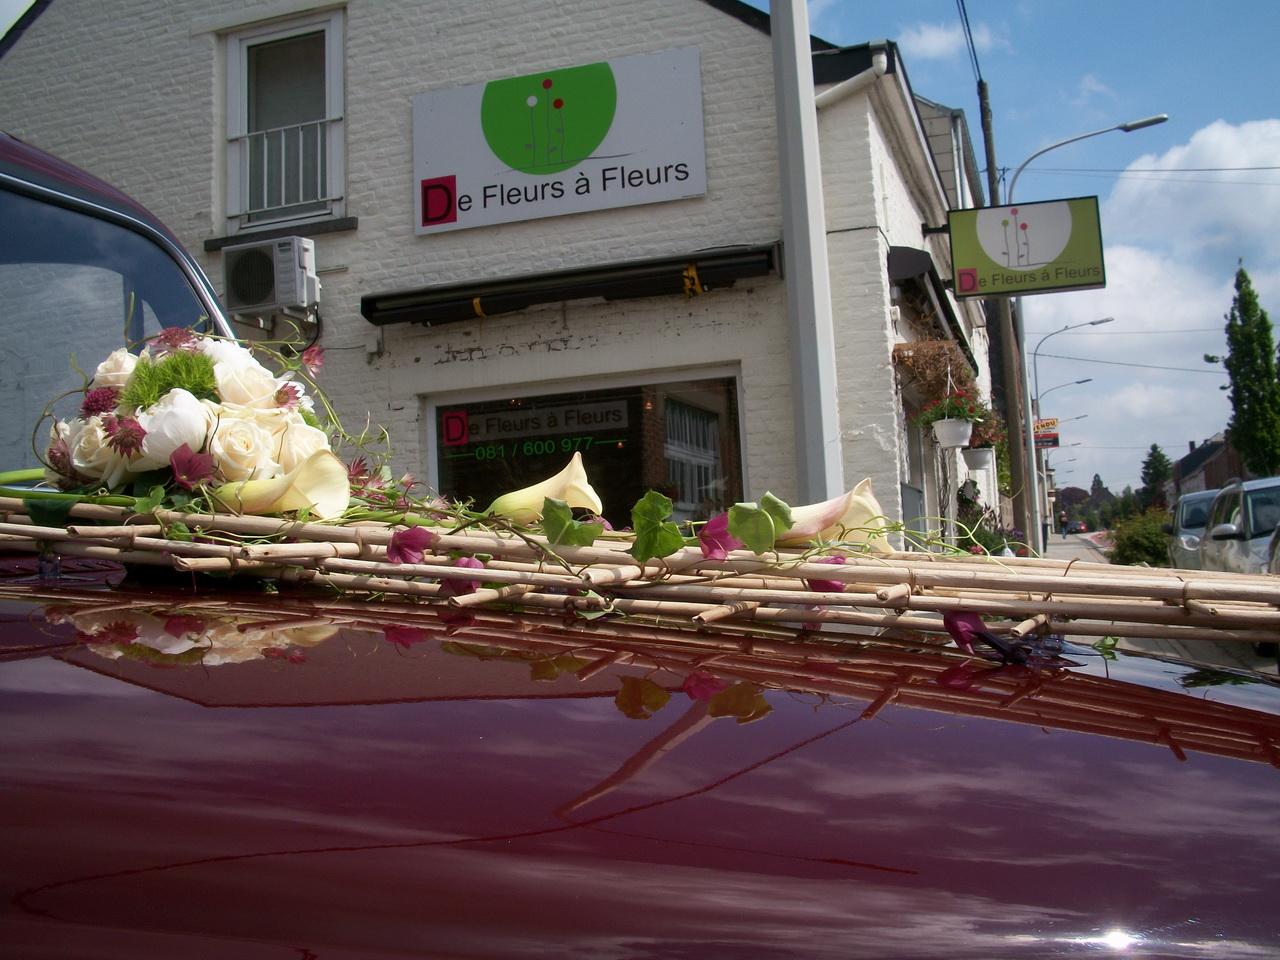 votre fleuriste gembloux fleurs gembloux de fleurs a fleurs fait la livraison de vos fleurs. Black Bedroom Furniture Sets. Home Design Ideas